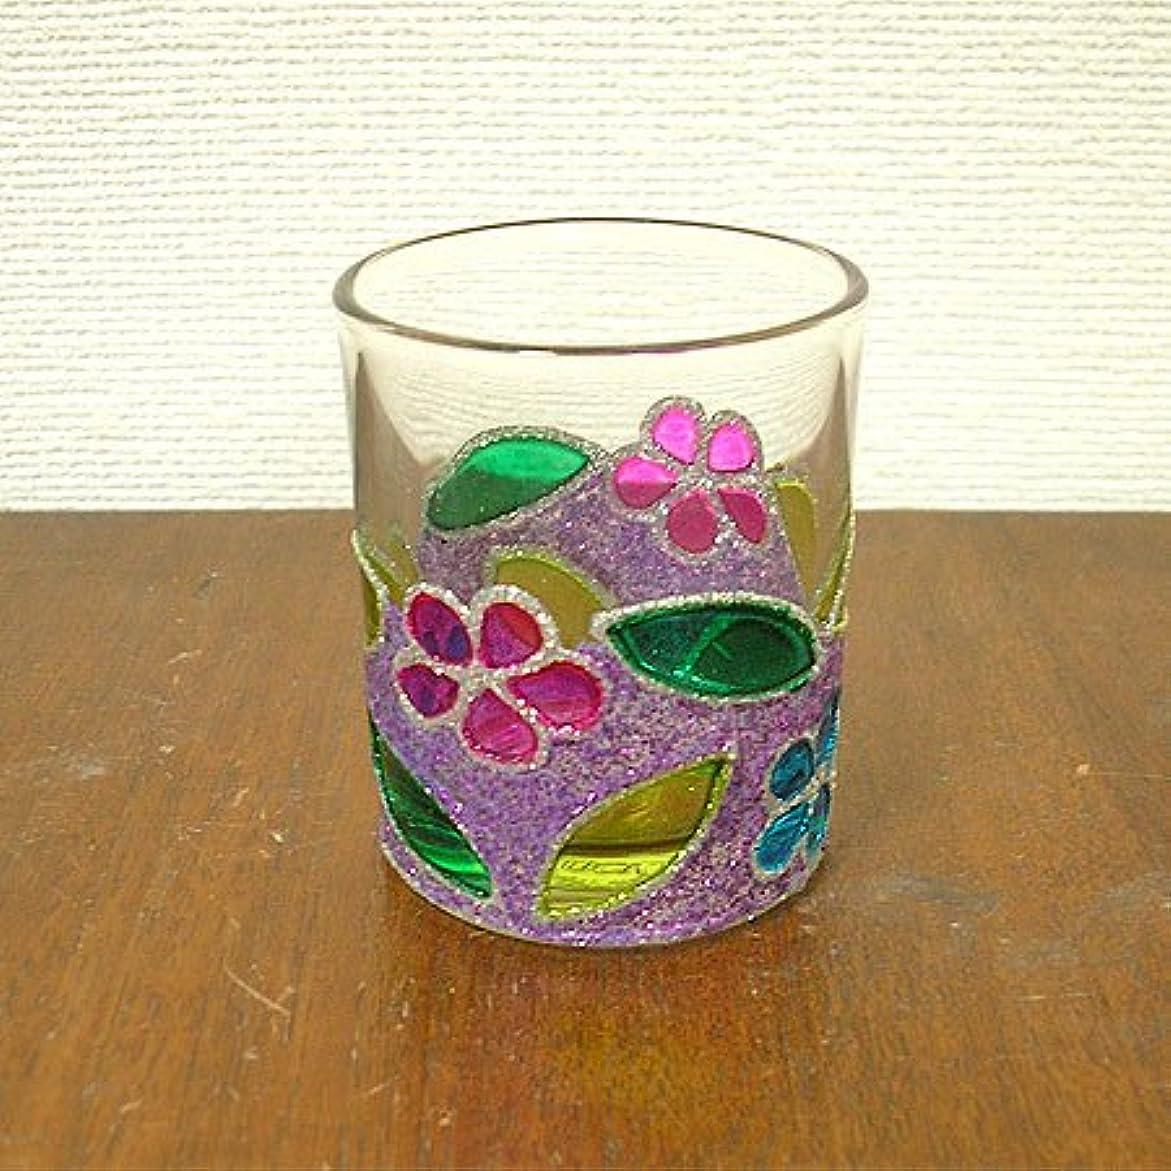 状態有益調停するアジアン キャンドルホルダー カップ グラス 花柄 パープル アジアン雑貨